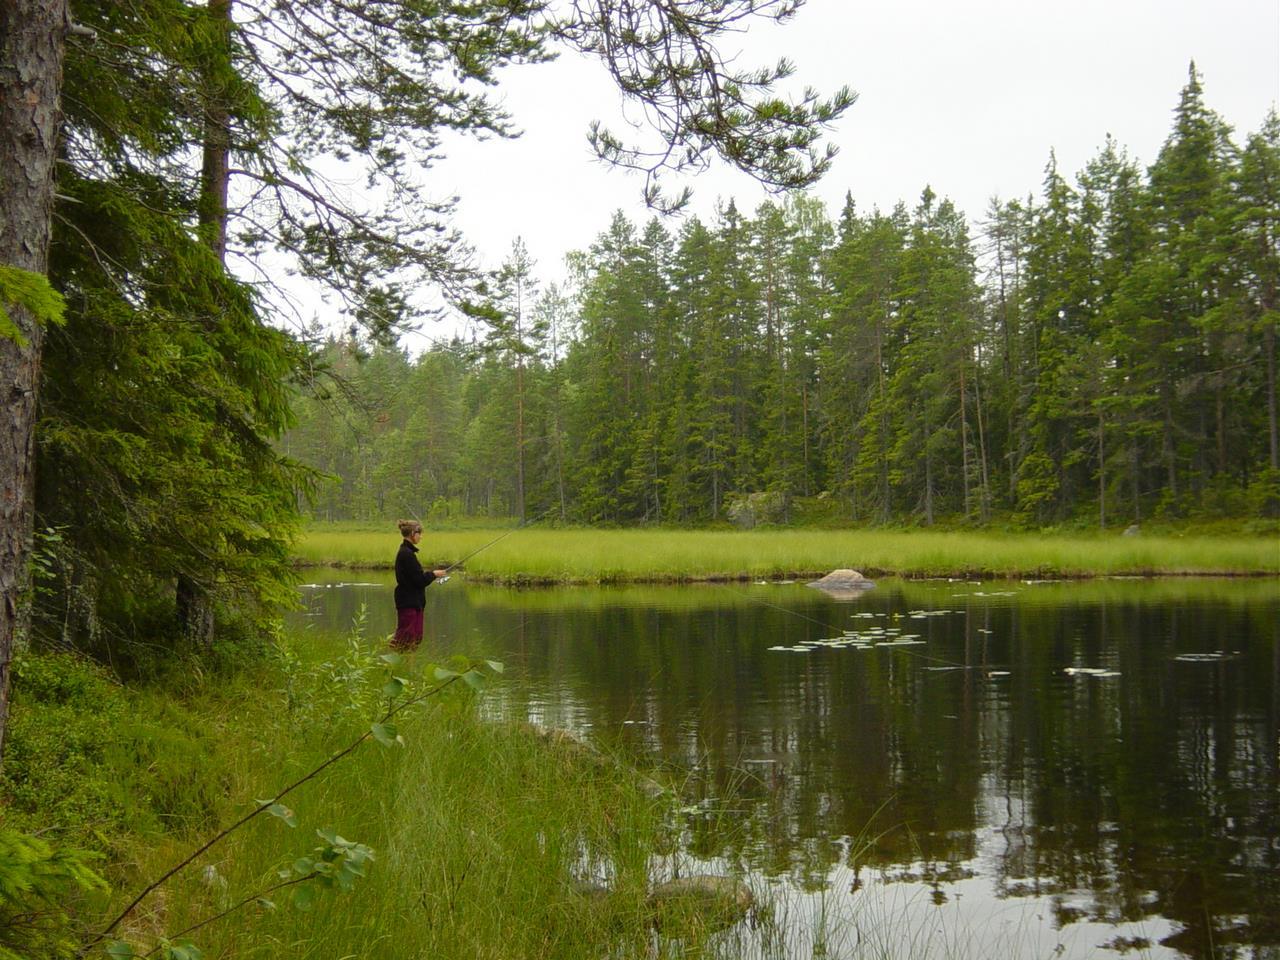 09 We hadden een visvergunning, maar hebben er weinig gebruik van gemaakt (Bas Wetter)